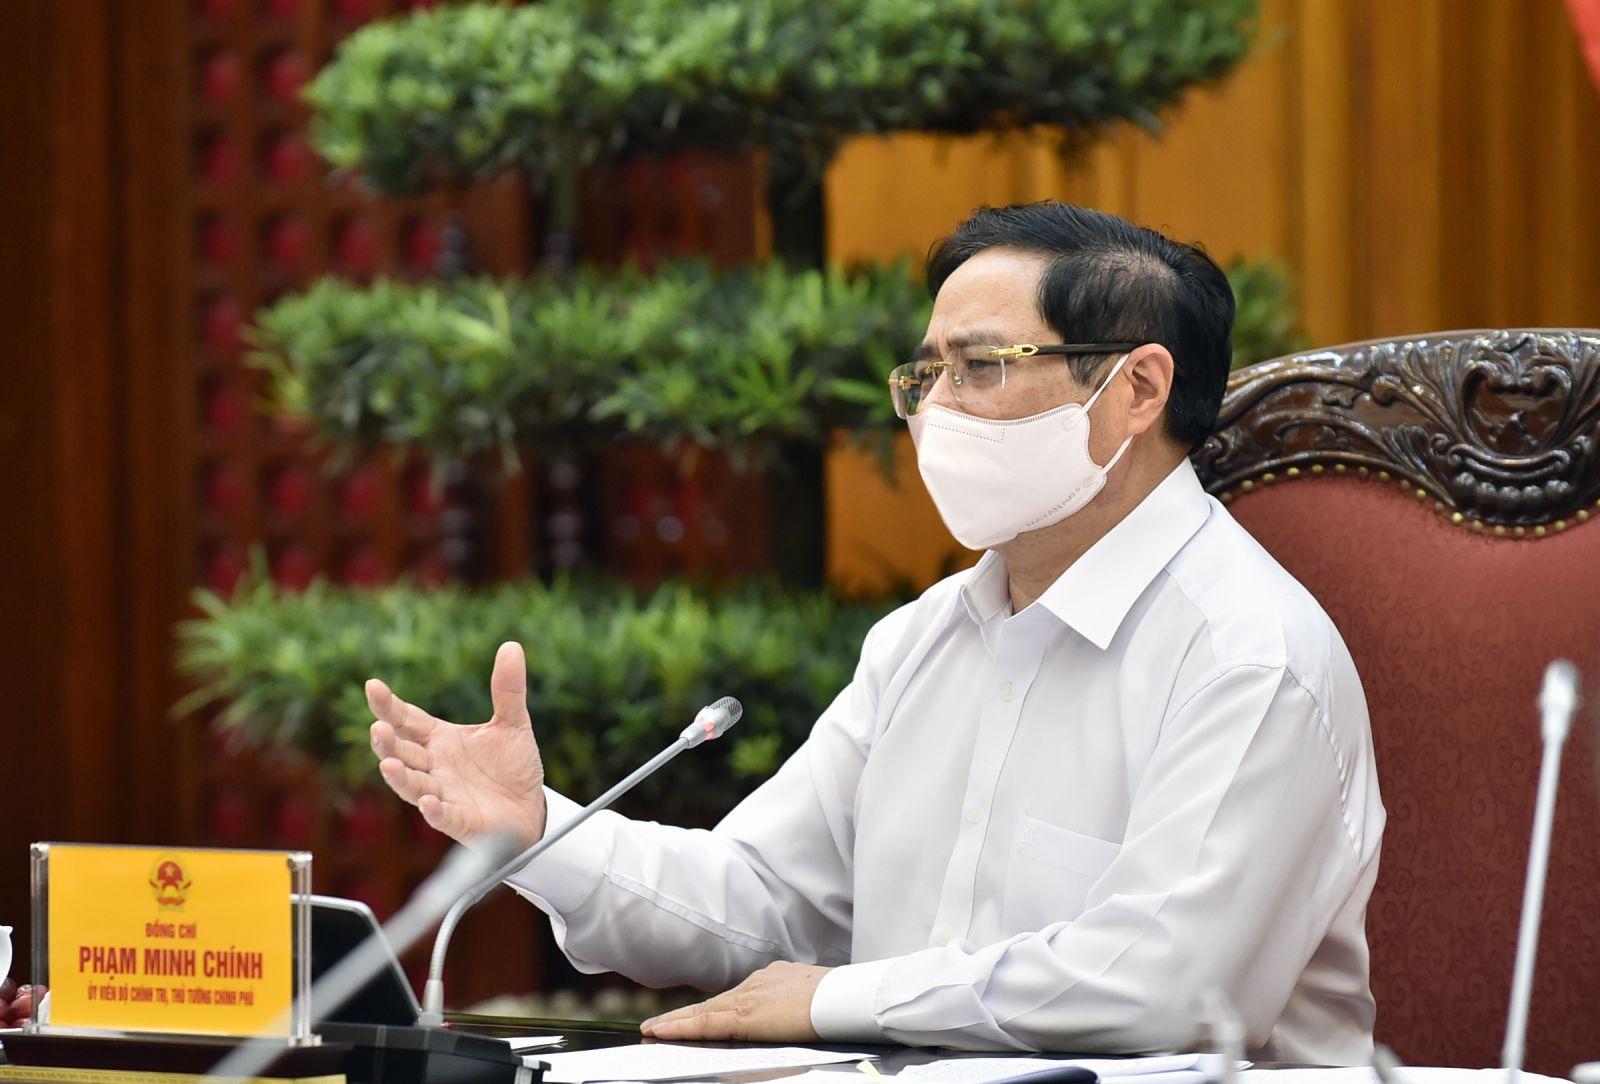 Thủ tướng Phạm Minh Chính yêu cầu Bộ Nông nghiệp và Phát triển nông thôn tập trung giải pháp để không đứt gãy chuỗi sản xuất nông nghiệp.